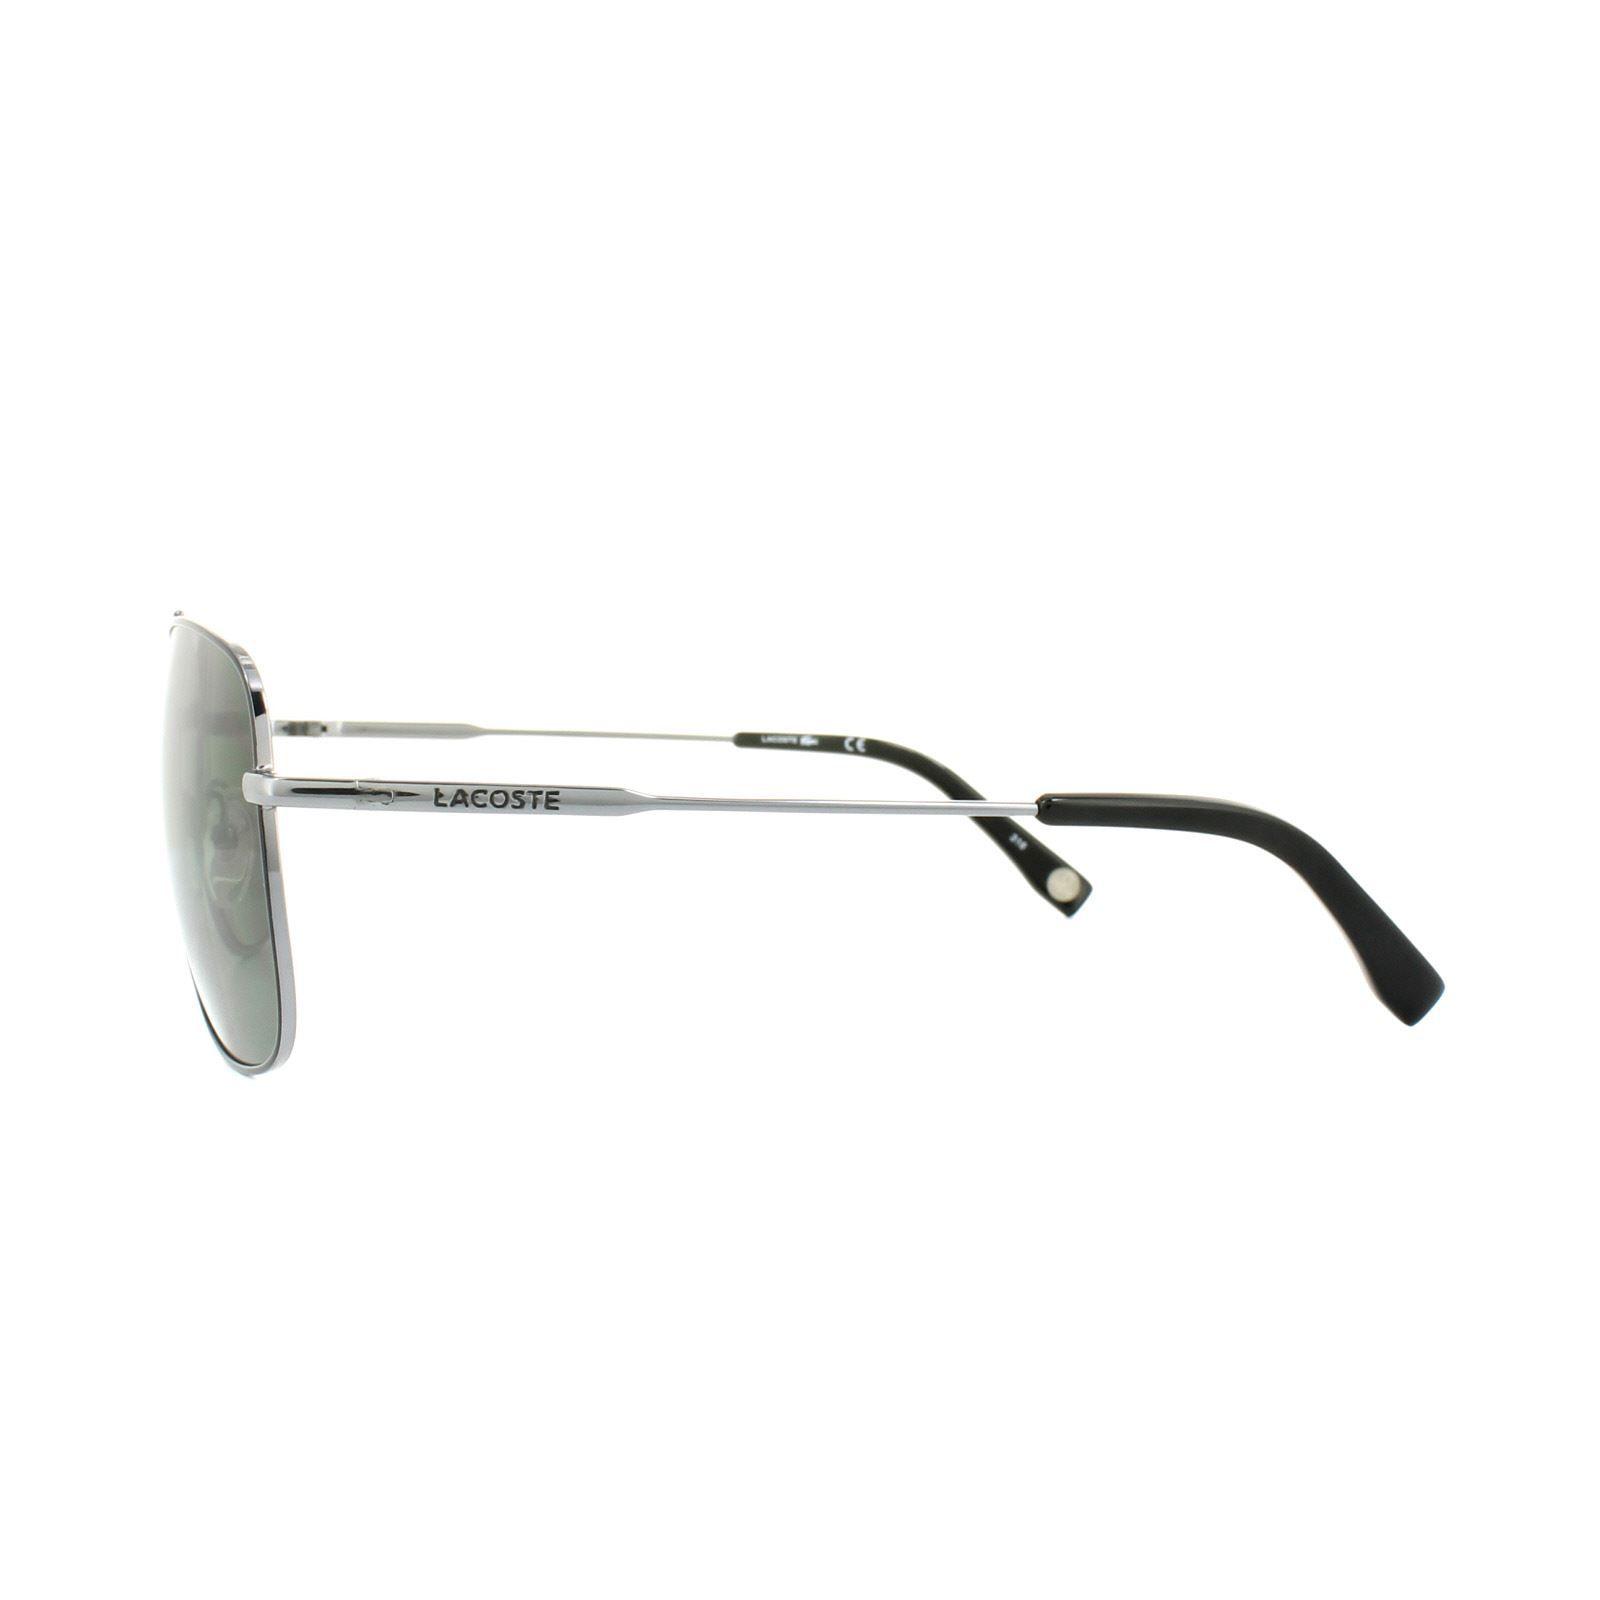 Lacoste Sunglasses L175S 035 Grey Green